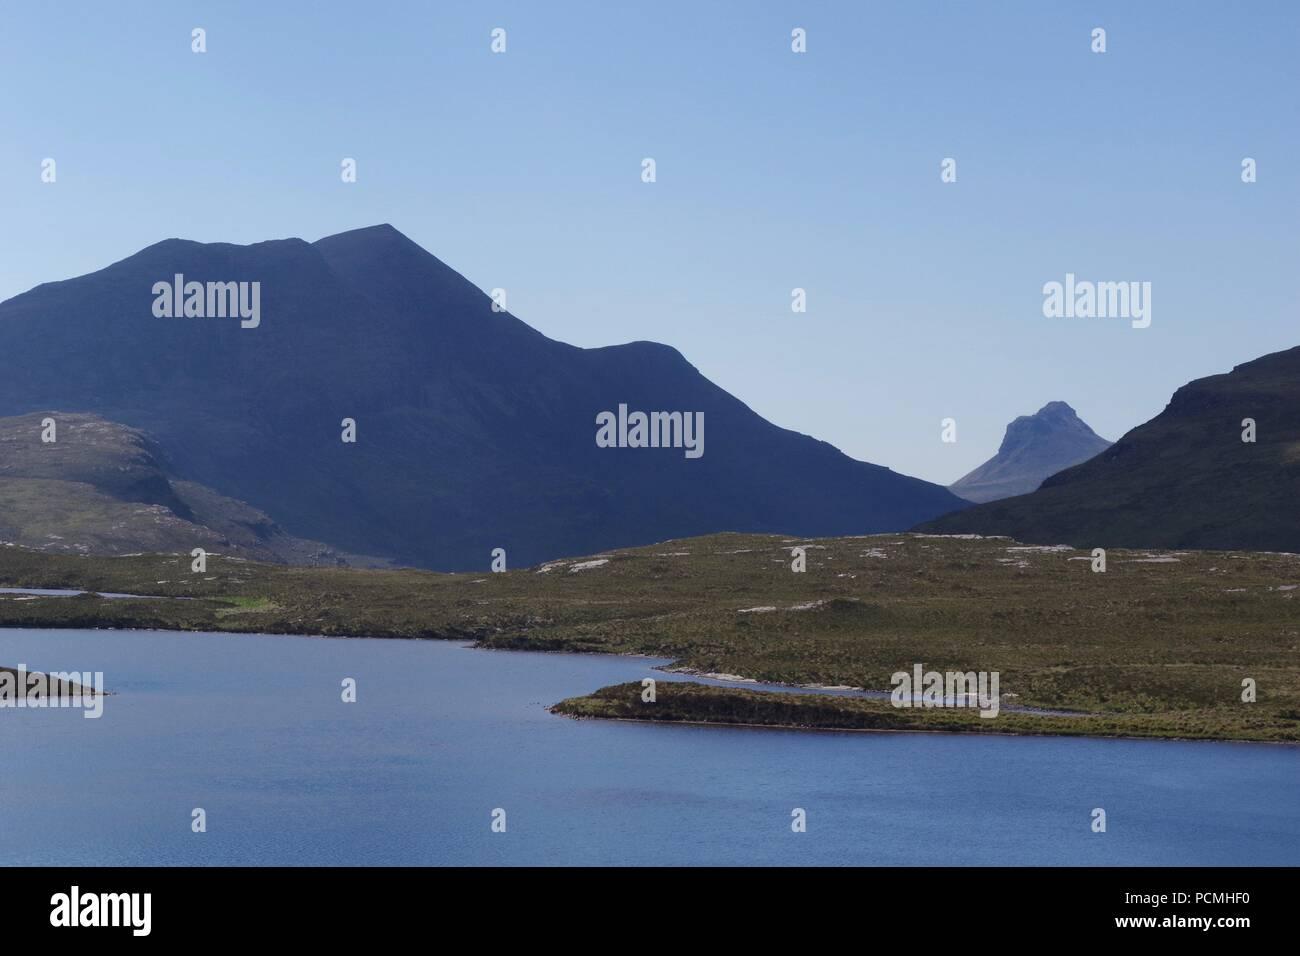 Knockan Crag NNR, North West Highlands Geopark. Scotland, UK. June, 2018. - Stock Image